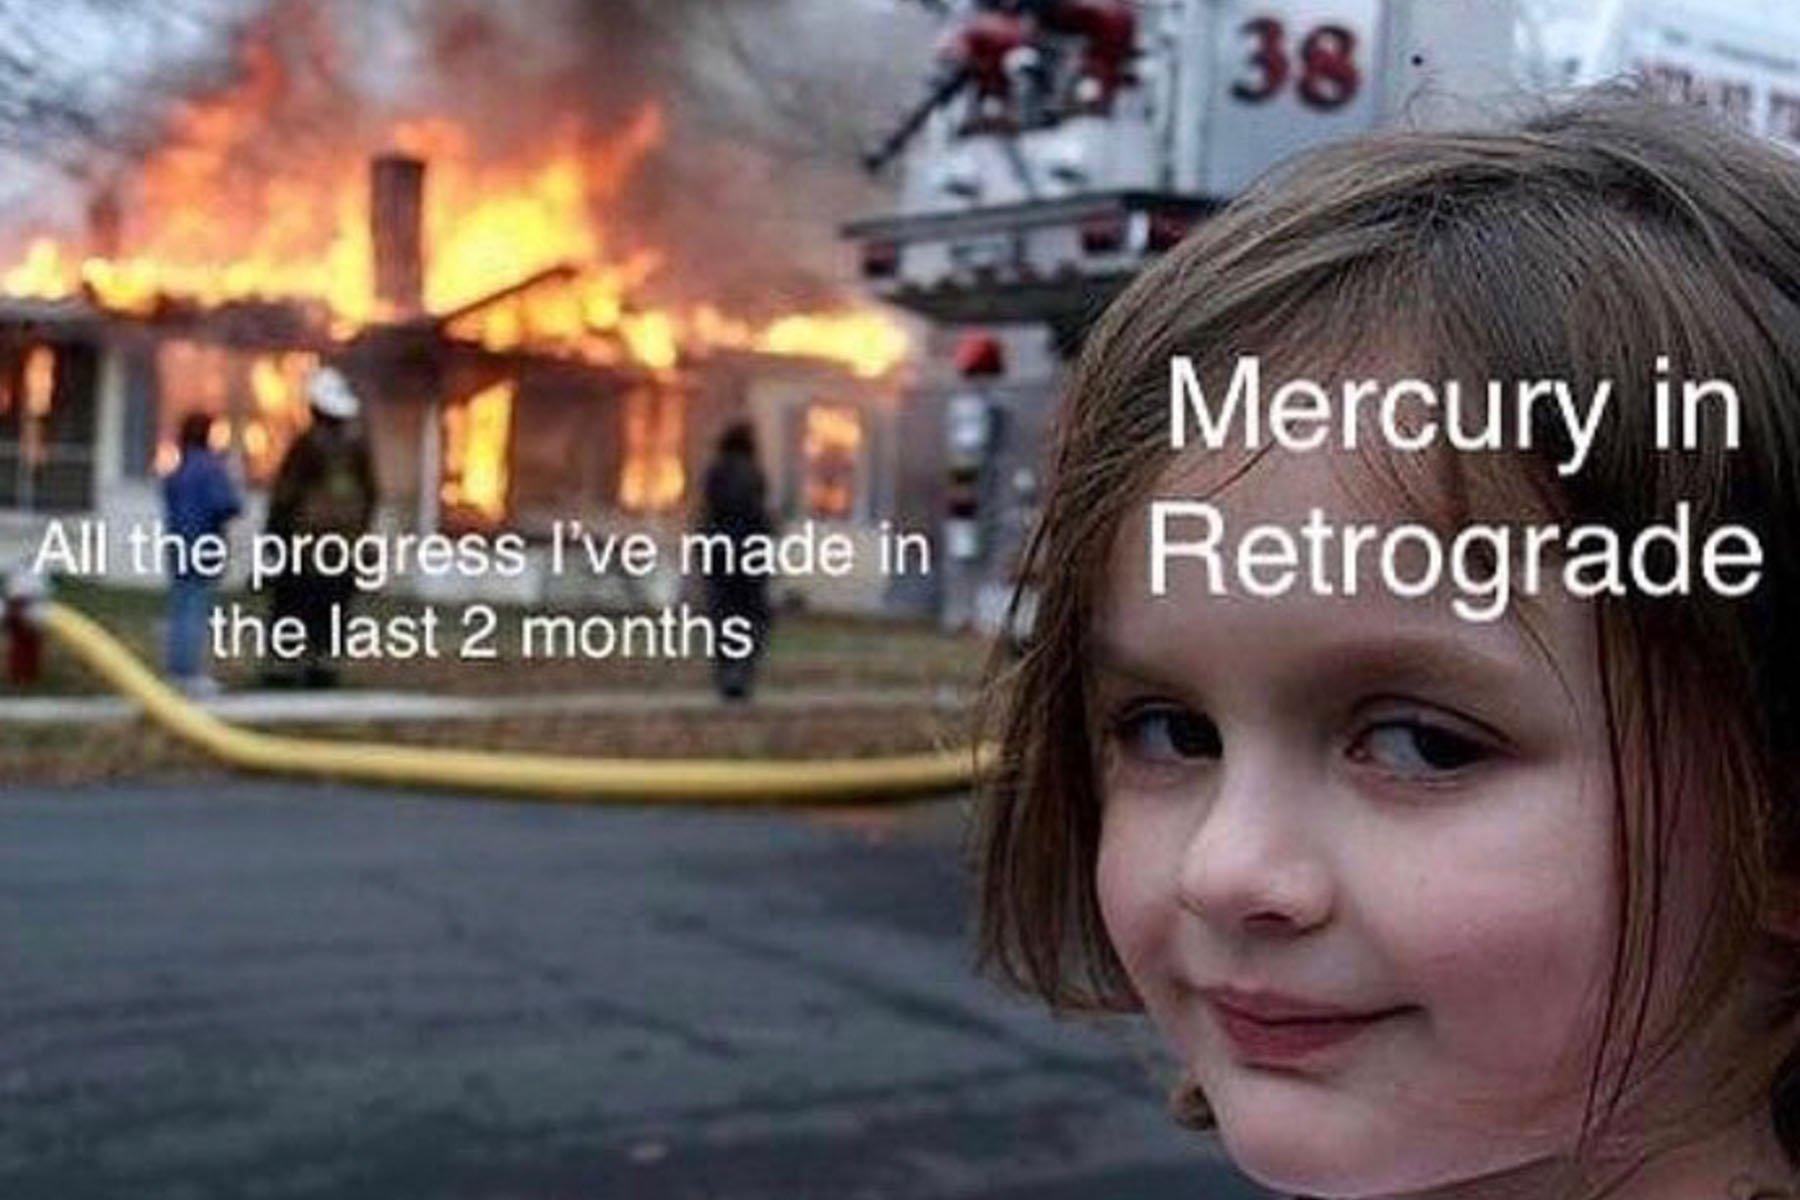 15 Mercury Retrograde Memes to Prep You for Retrograde Season